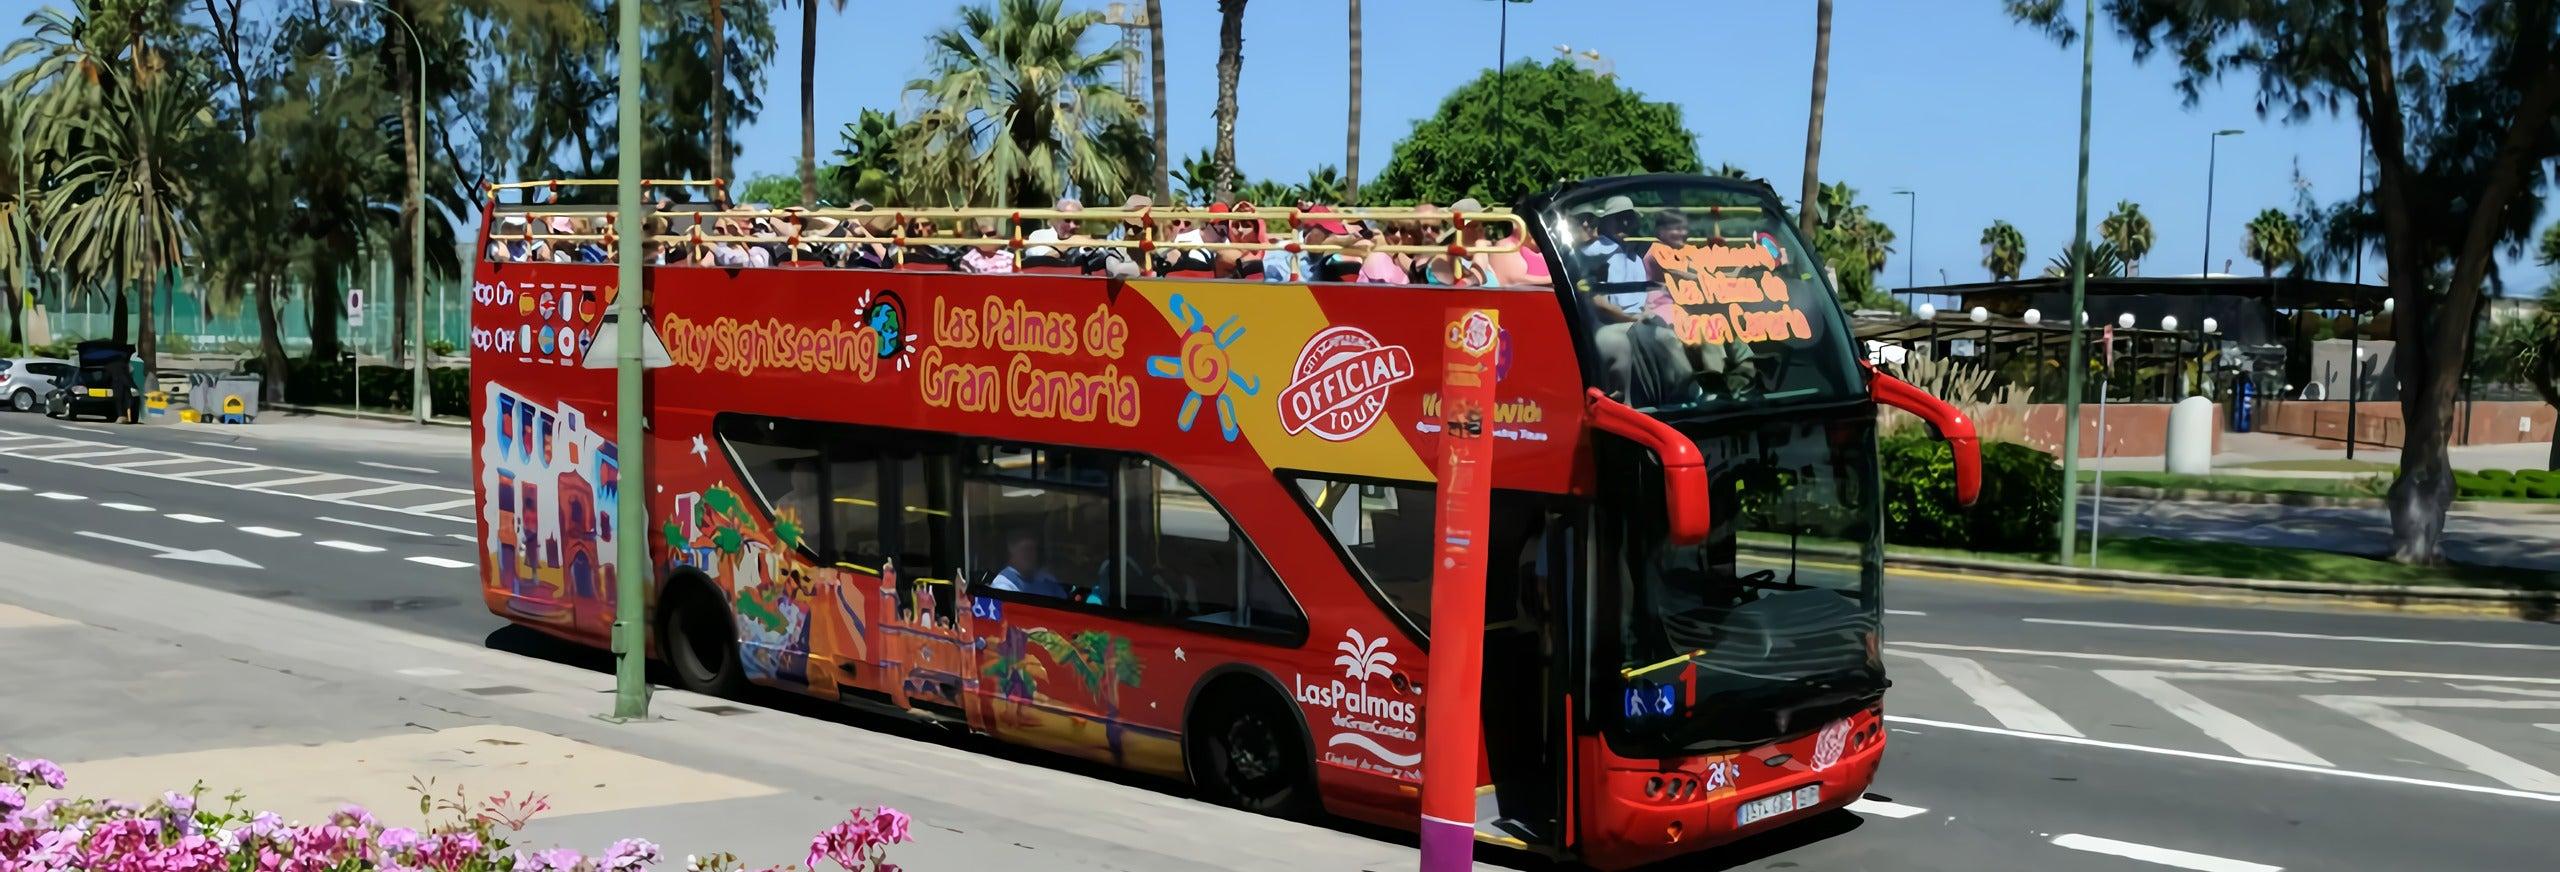 Autobús turístico de Las Palmas de Gran Canaria